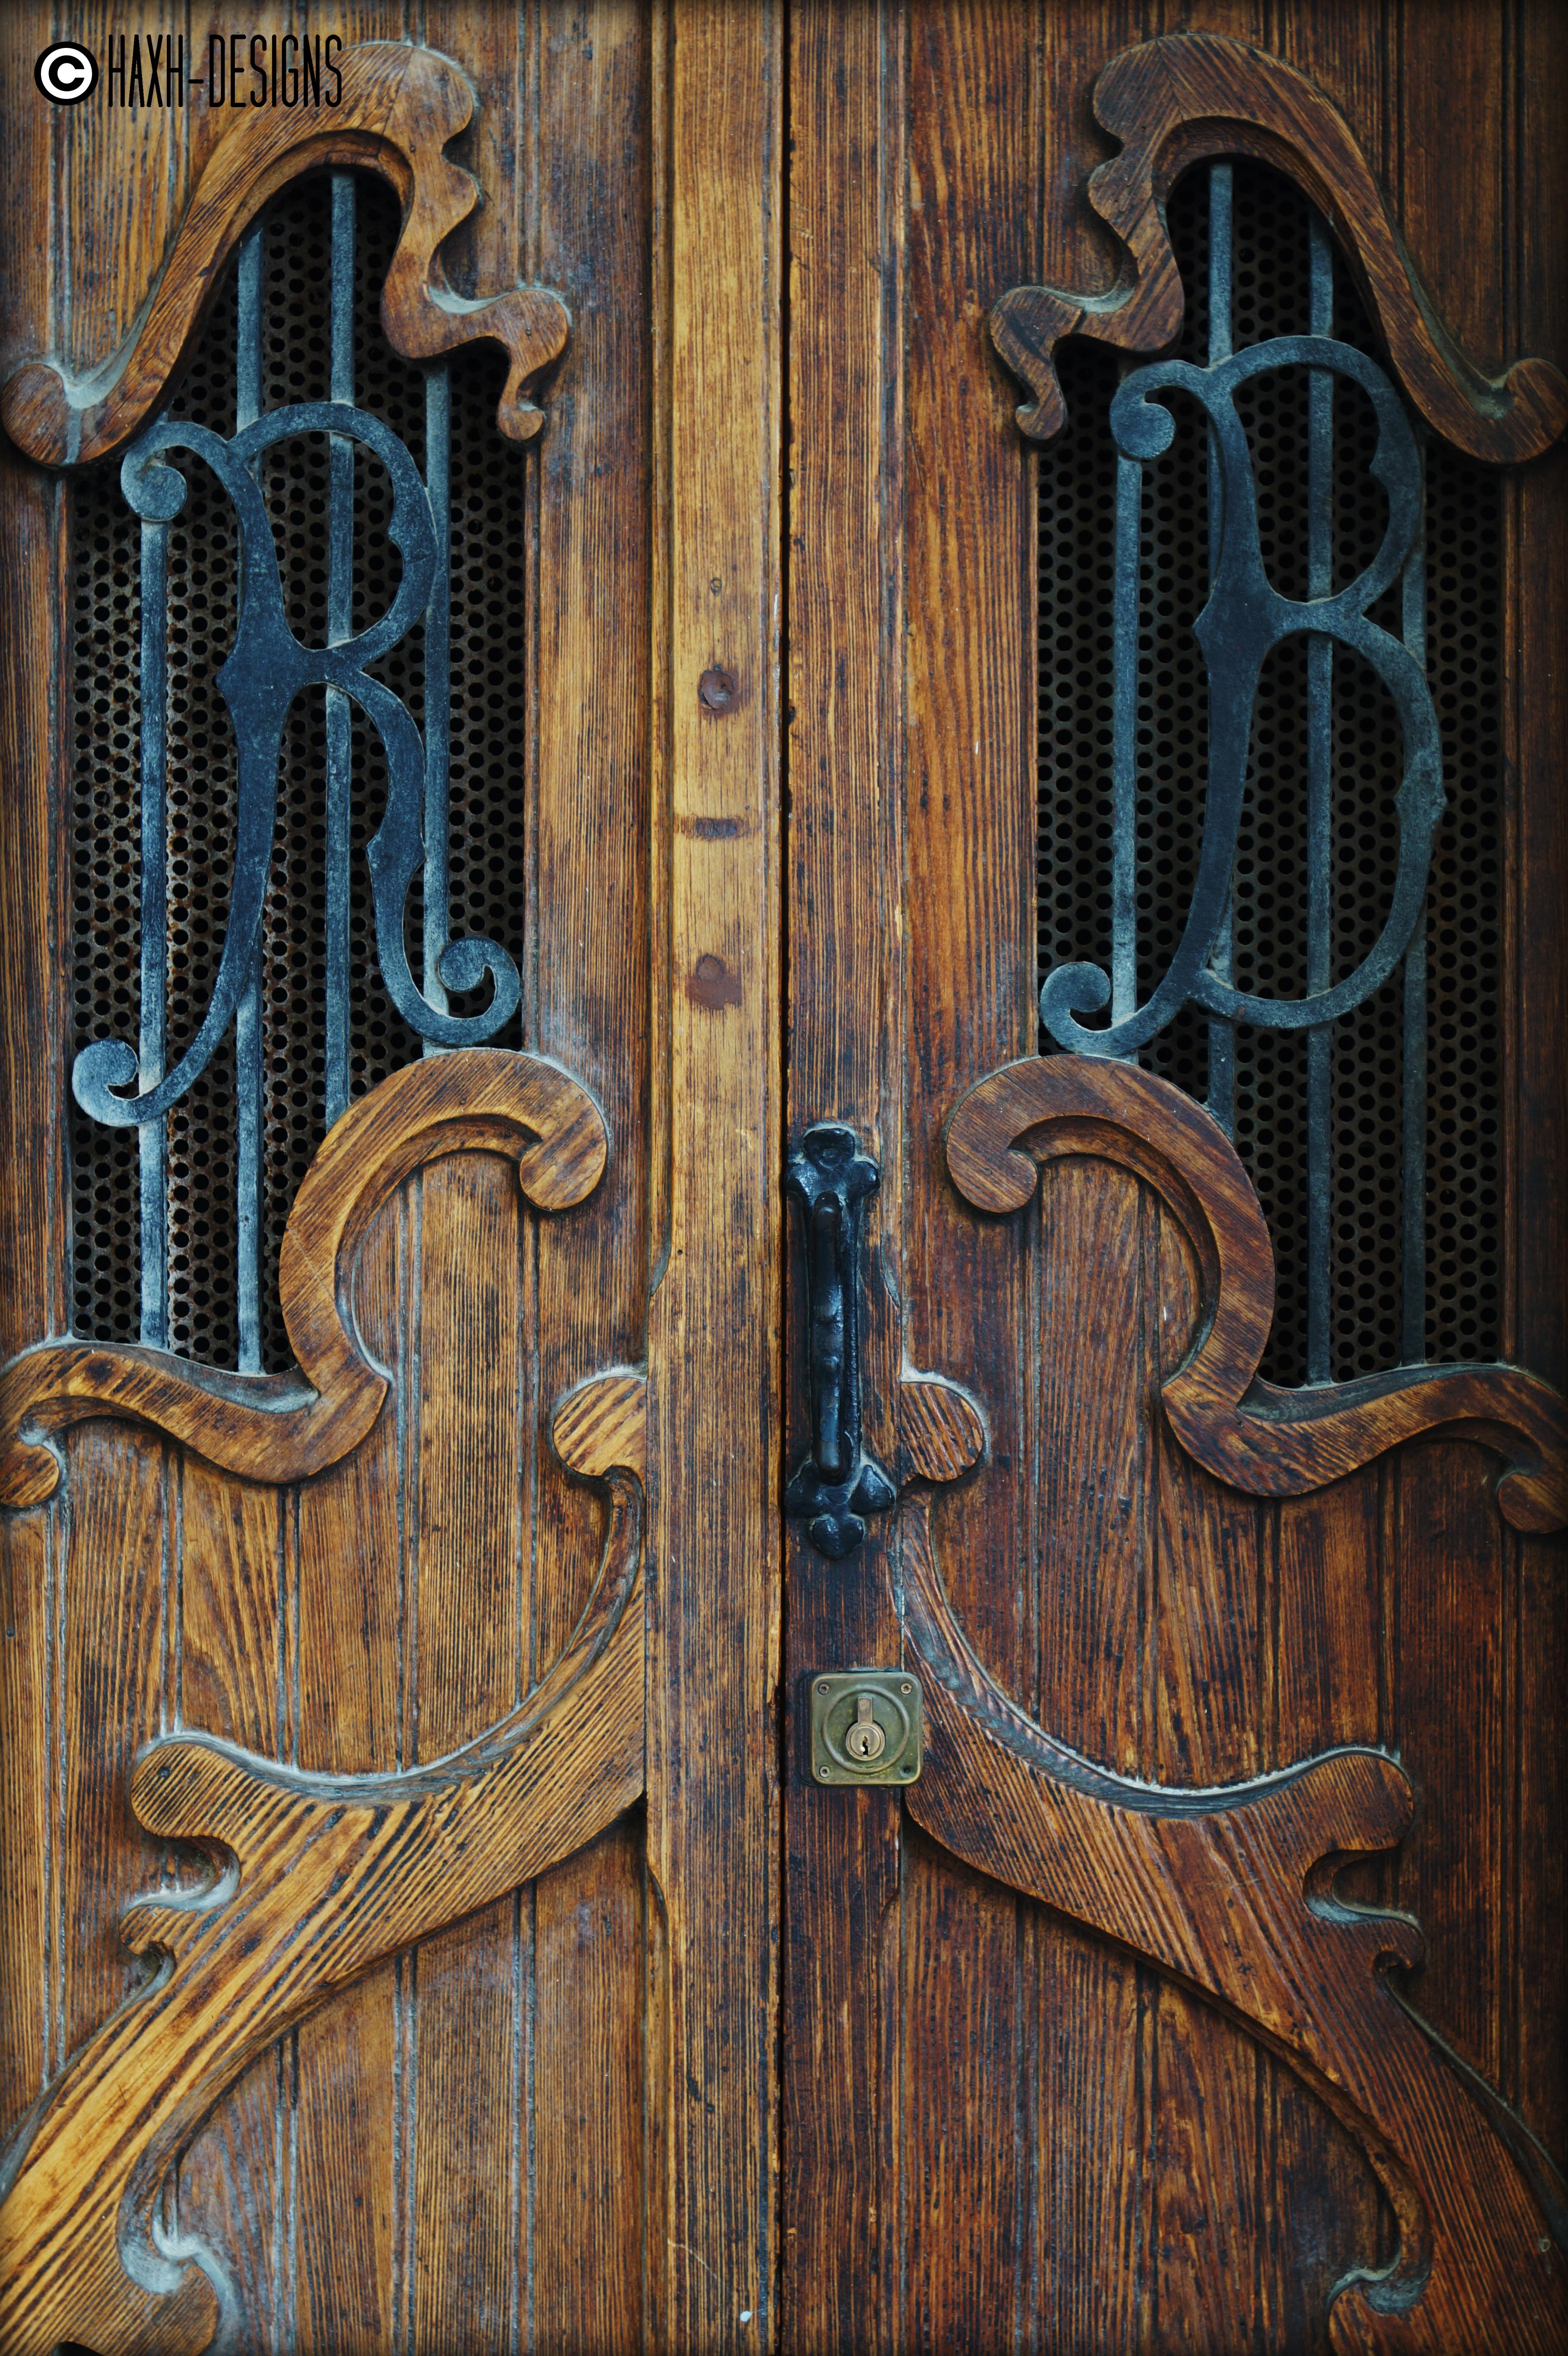 Puertas fotograf a y tecnolog a - Puertas madera antiguas ...